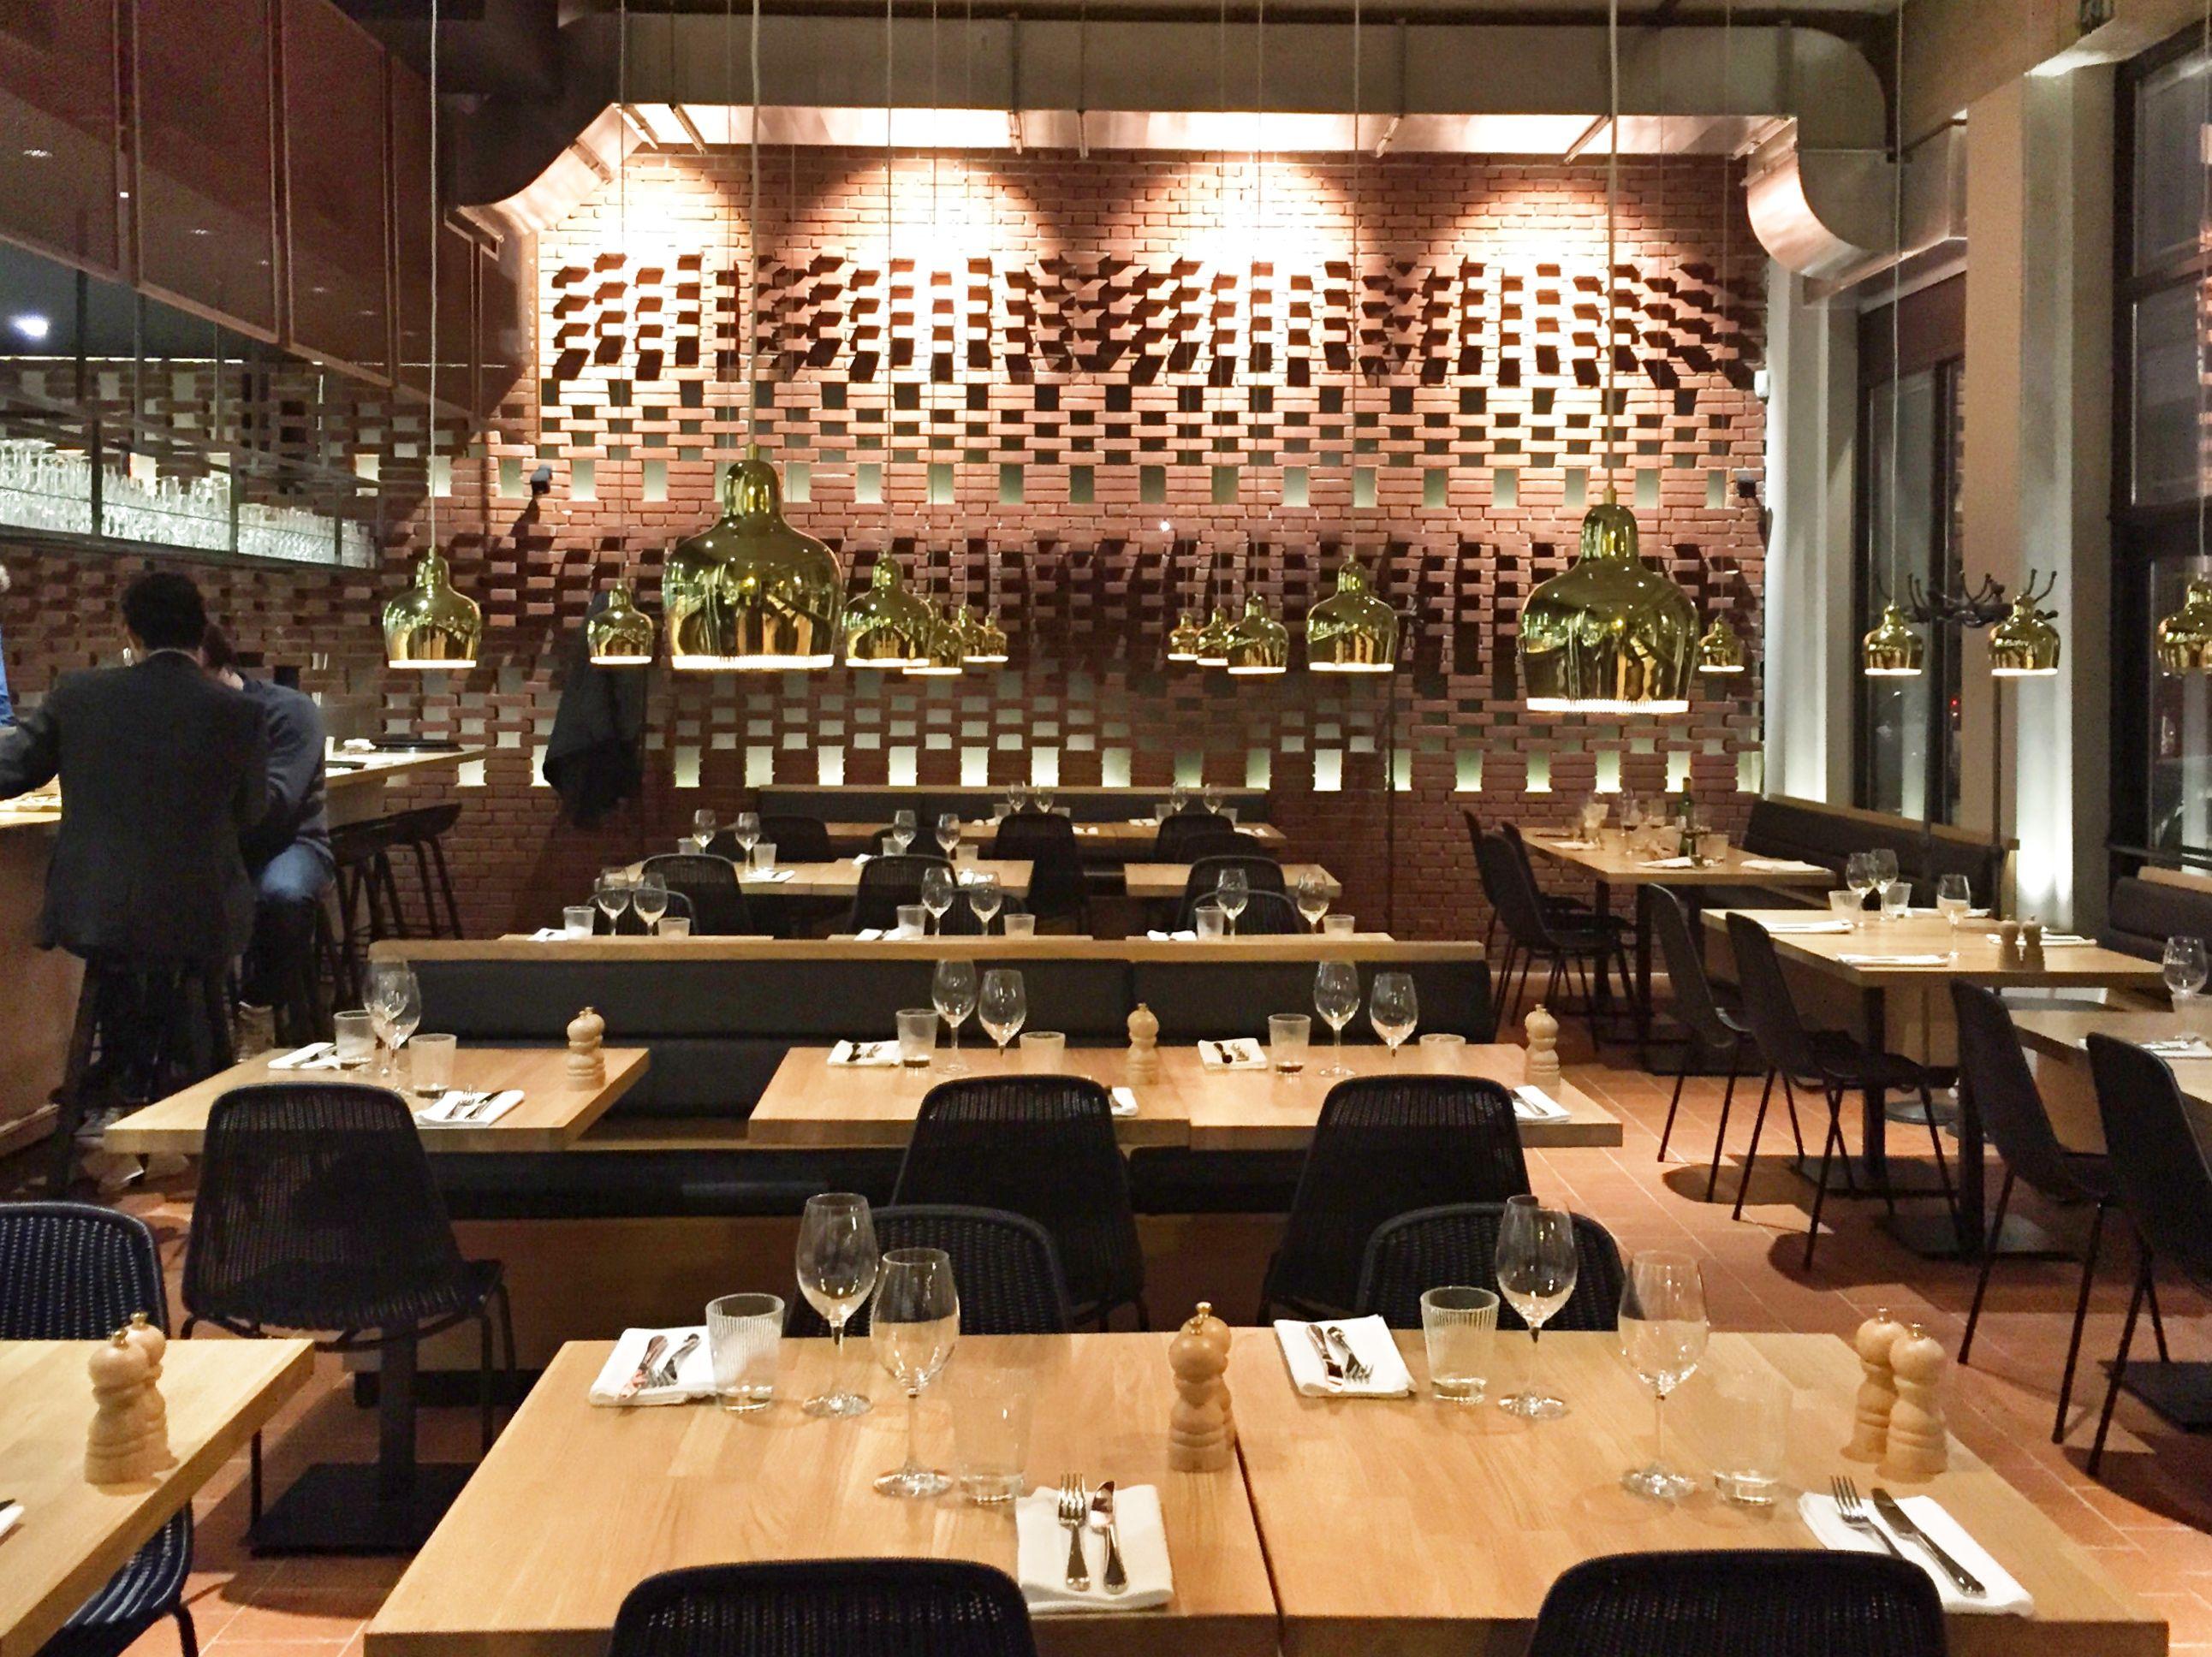 Le Colonel Restaurant De Viande A Bruxelles Deco Cuisine Salle